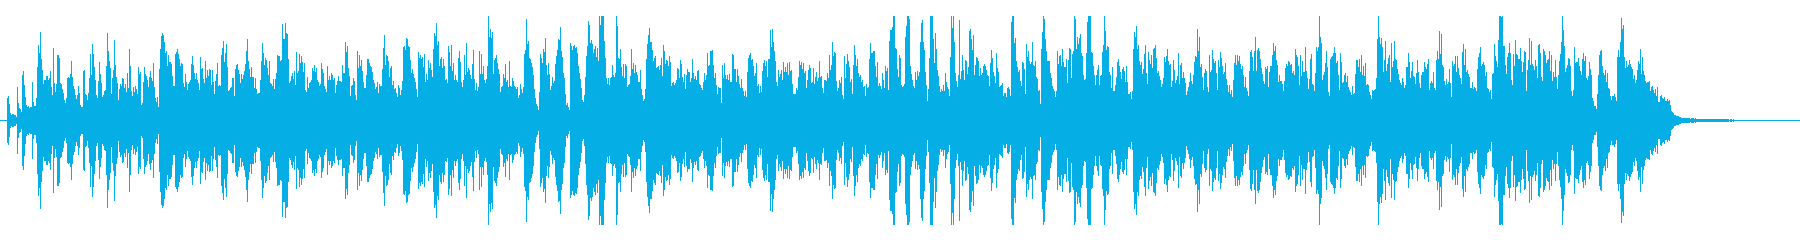 ハマグリをテーマにした楽曲の再生済みの波形